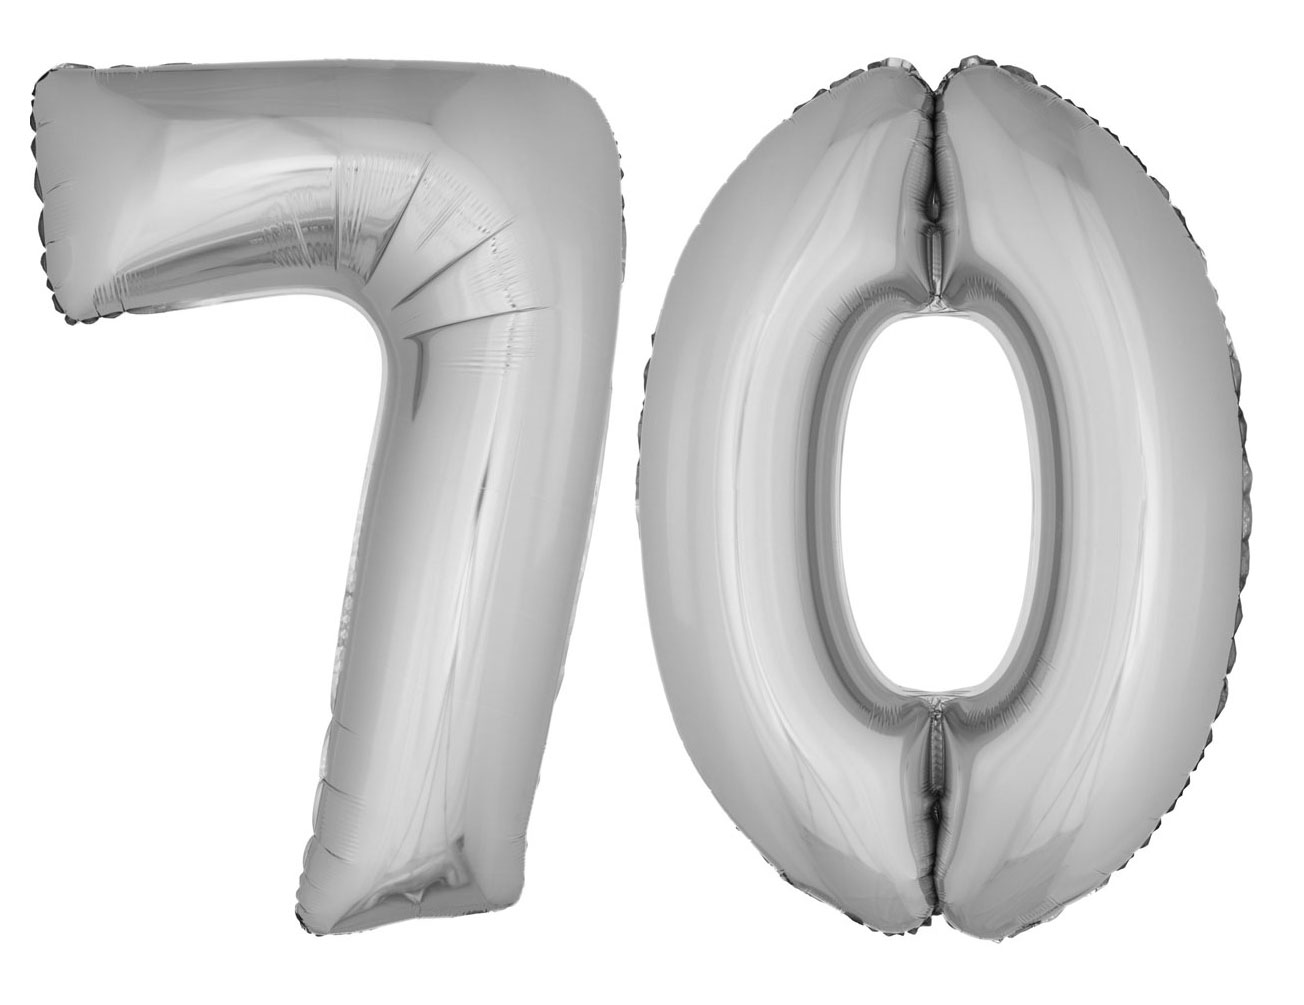 Folienballons luftballon set xxl zahl geburtstag 70 jahre for Dekoration 70 jahre